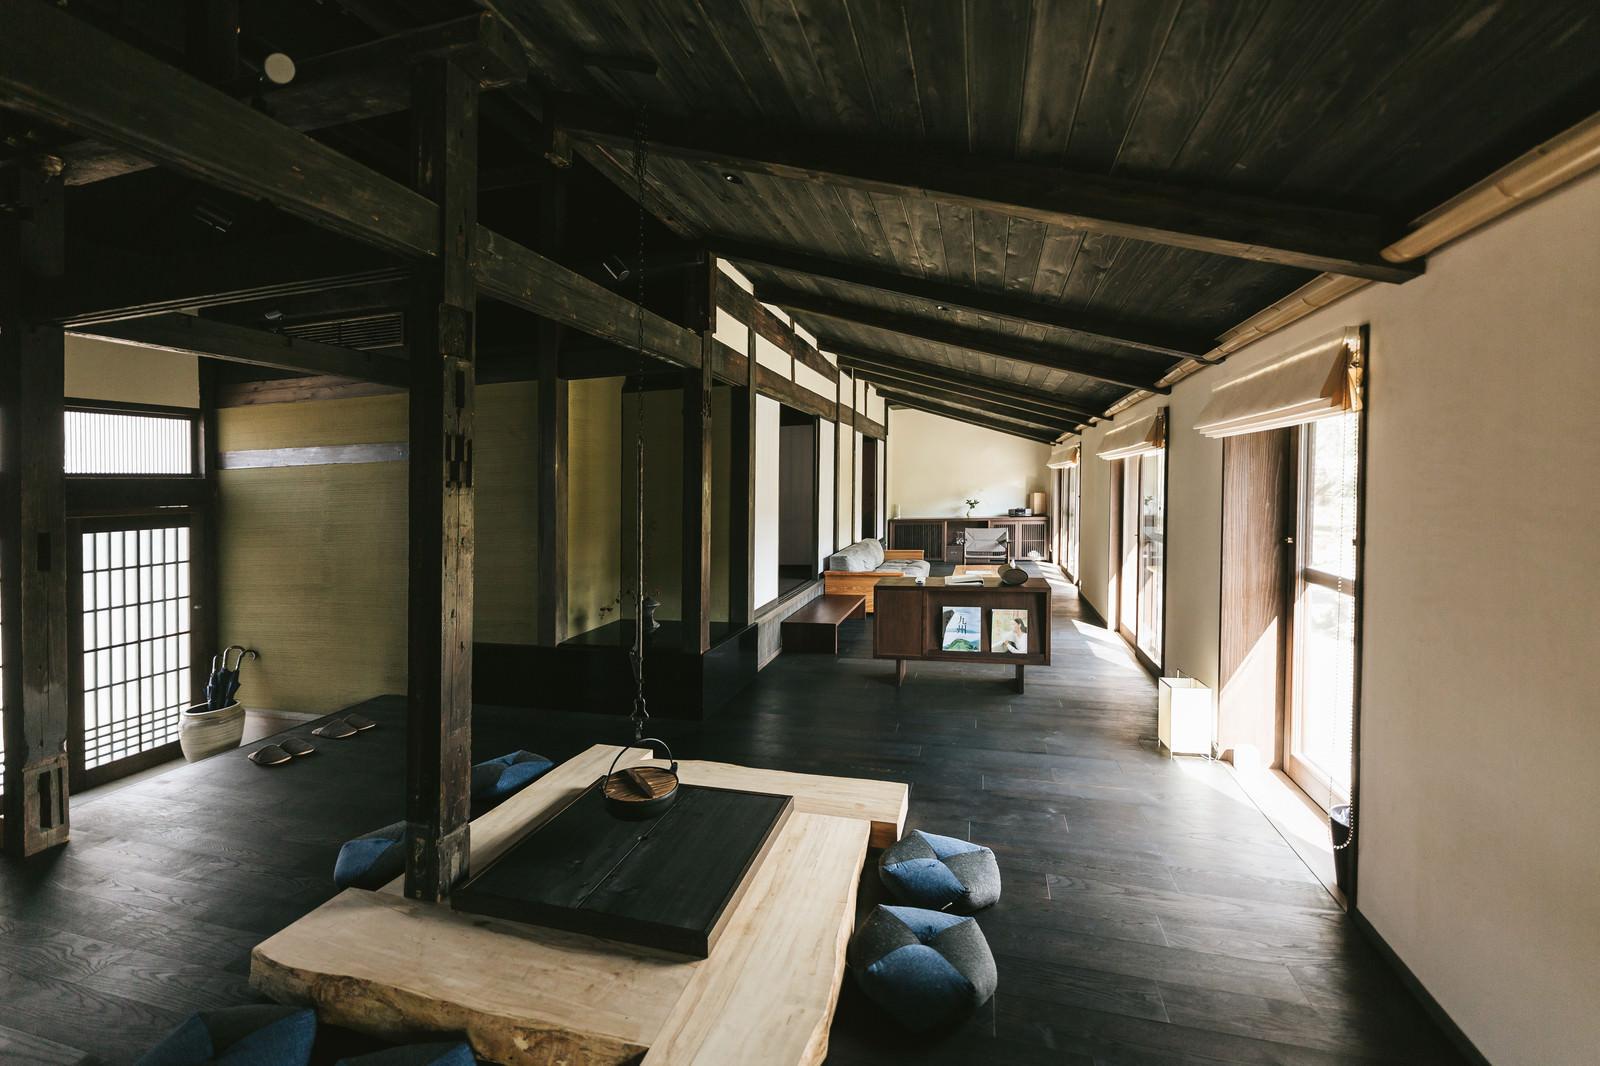 「高床と伝統的な囲炉裏のあるリノベーション古民家宿泊施設高床と伝統的な囲炉裏のあるリノベーション古民家宿泊施設」のフリー写真素材を拡大